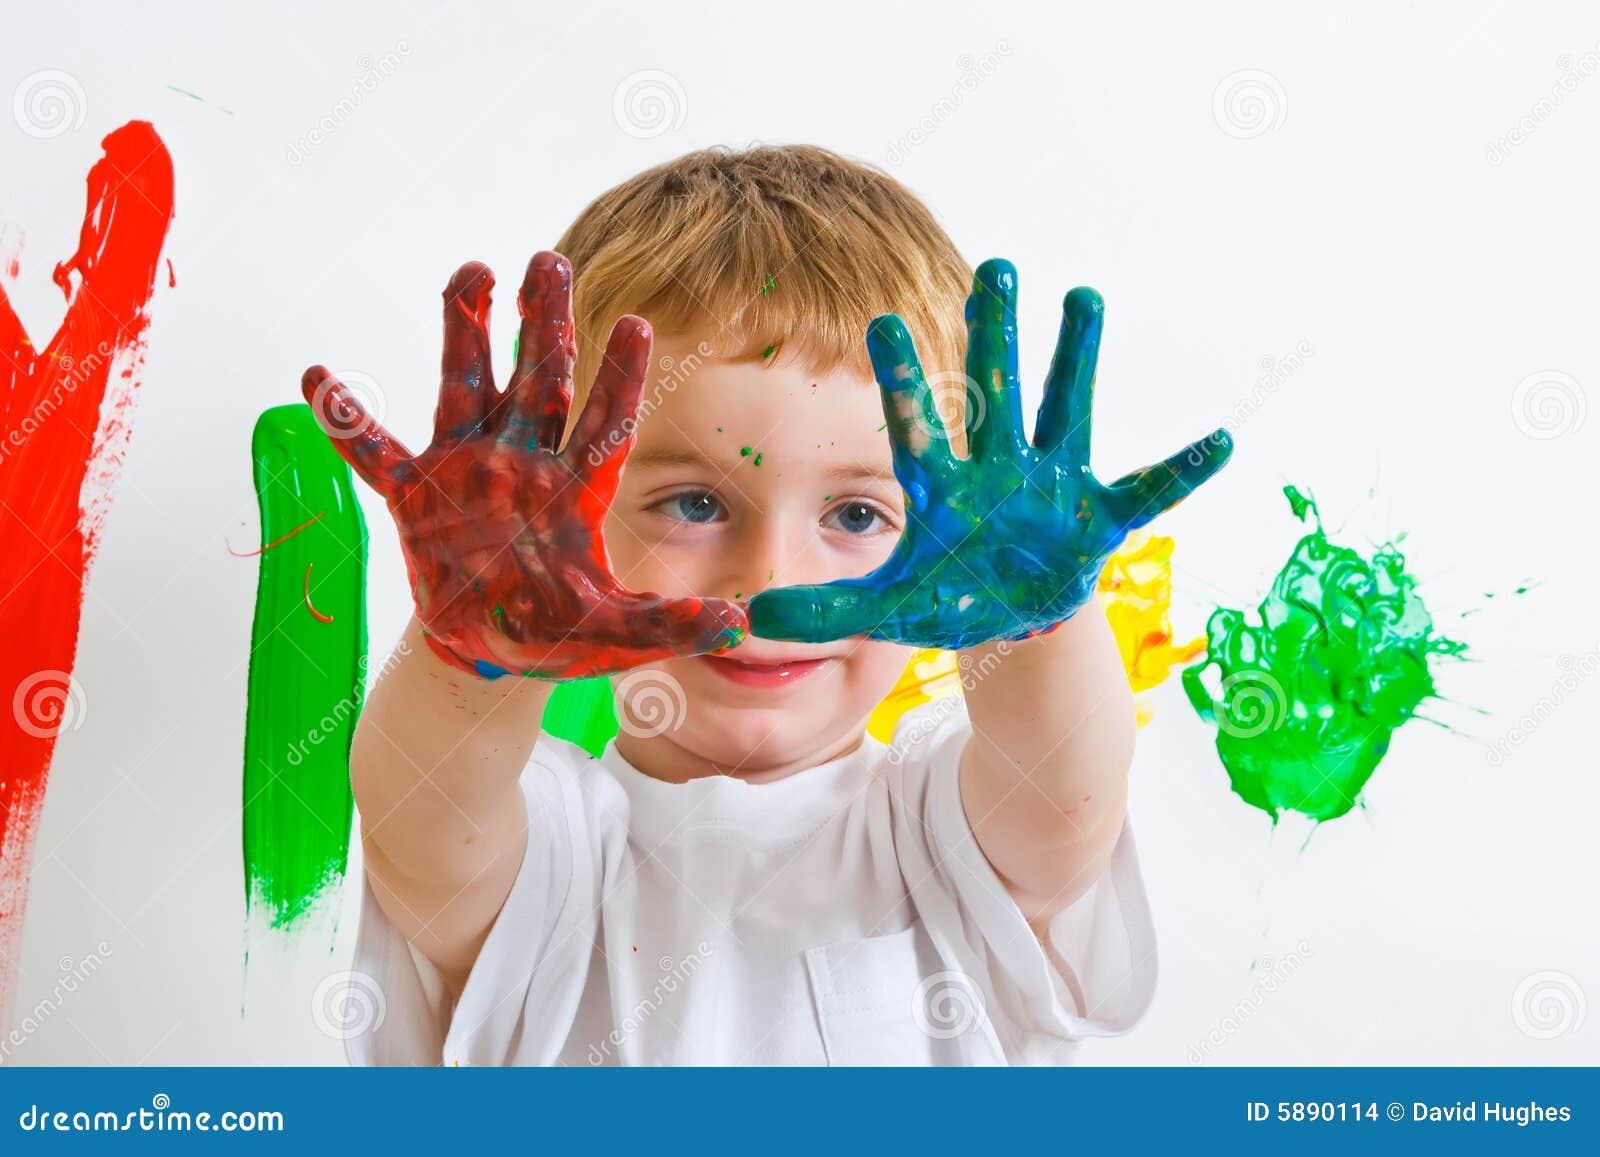 Peinture d 39 enfant avec les mains malpropres photo stock image du artiste fuselage 5890114 - Table a repasser avec les mains ...